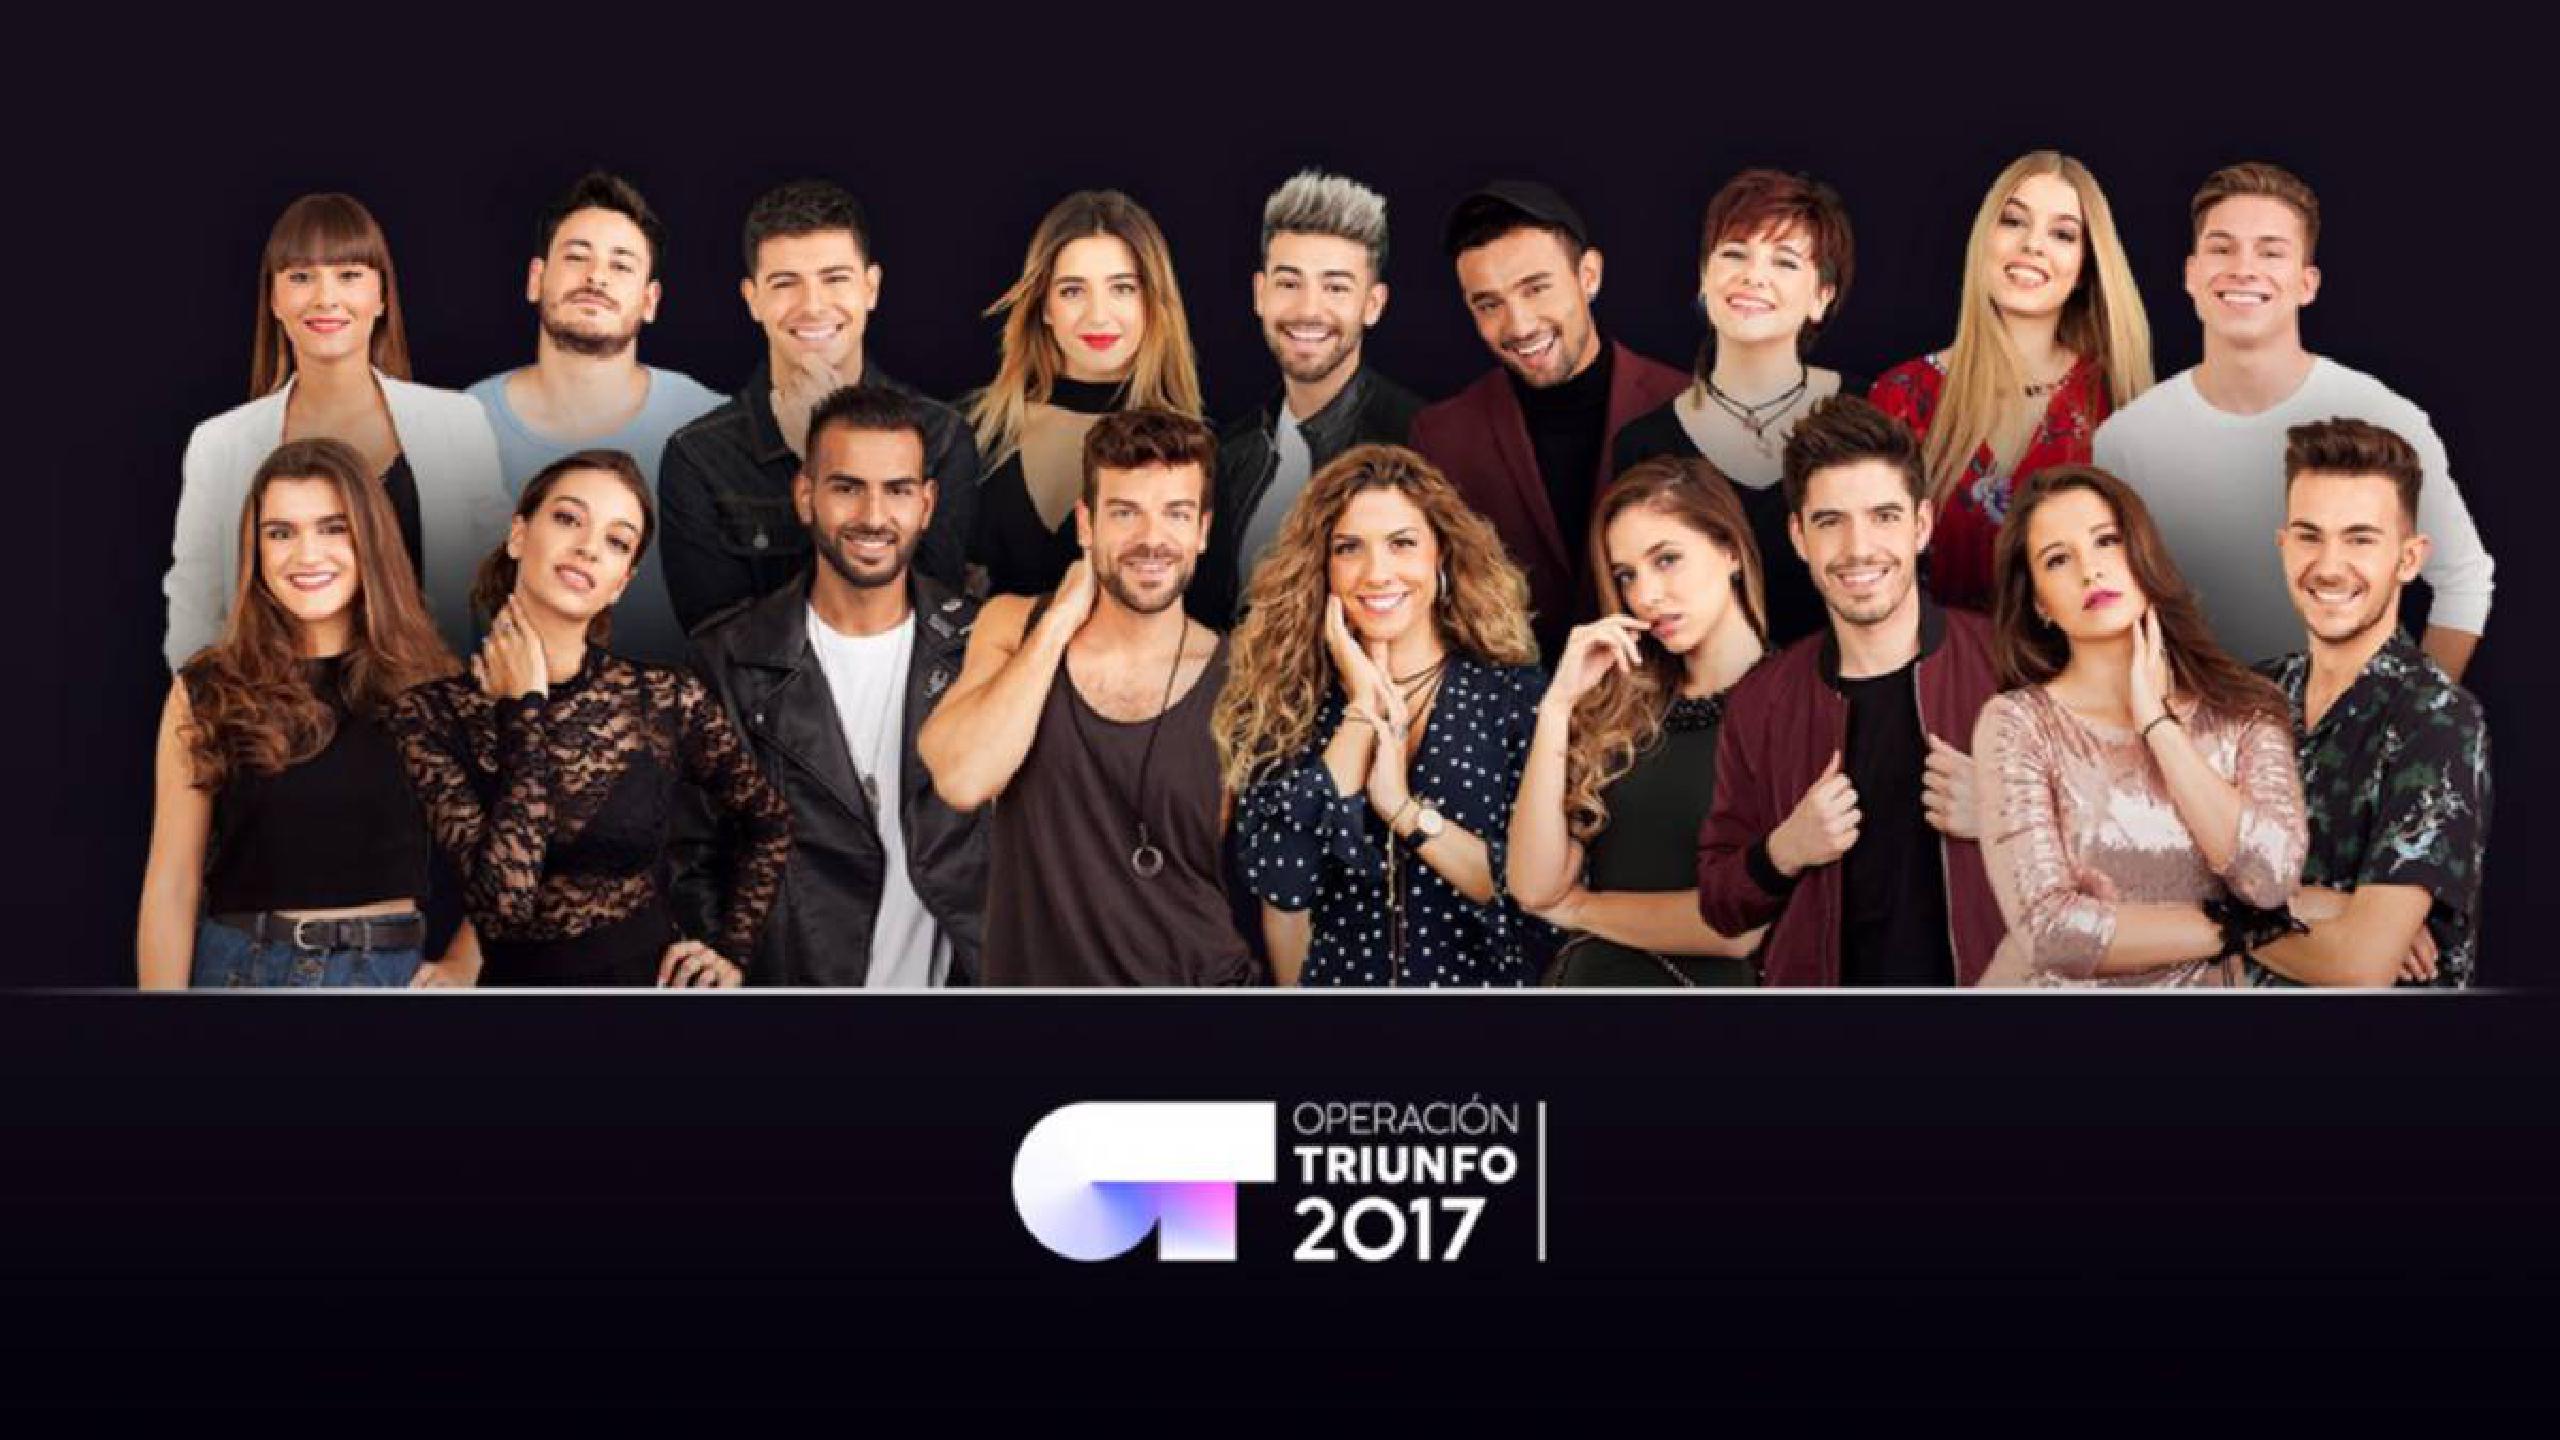 Entradas de concierto de operaci n triunfo 2017 en barcelona palau sant jordi s bado 03 marzo - Casas de musica en barcelona ...